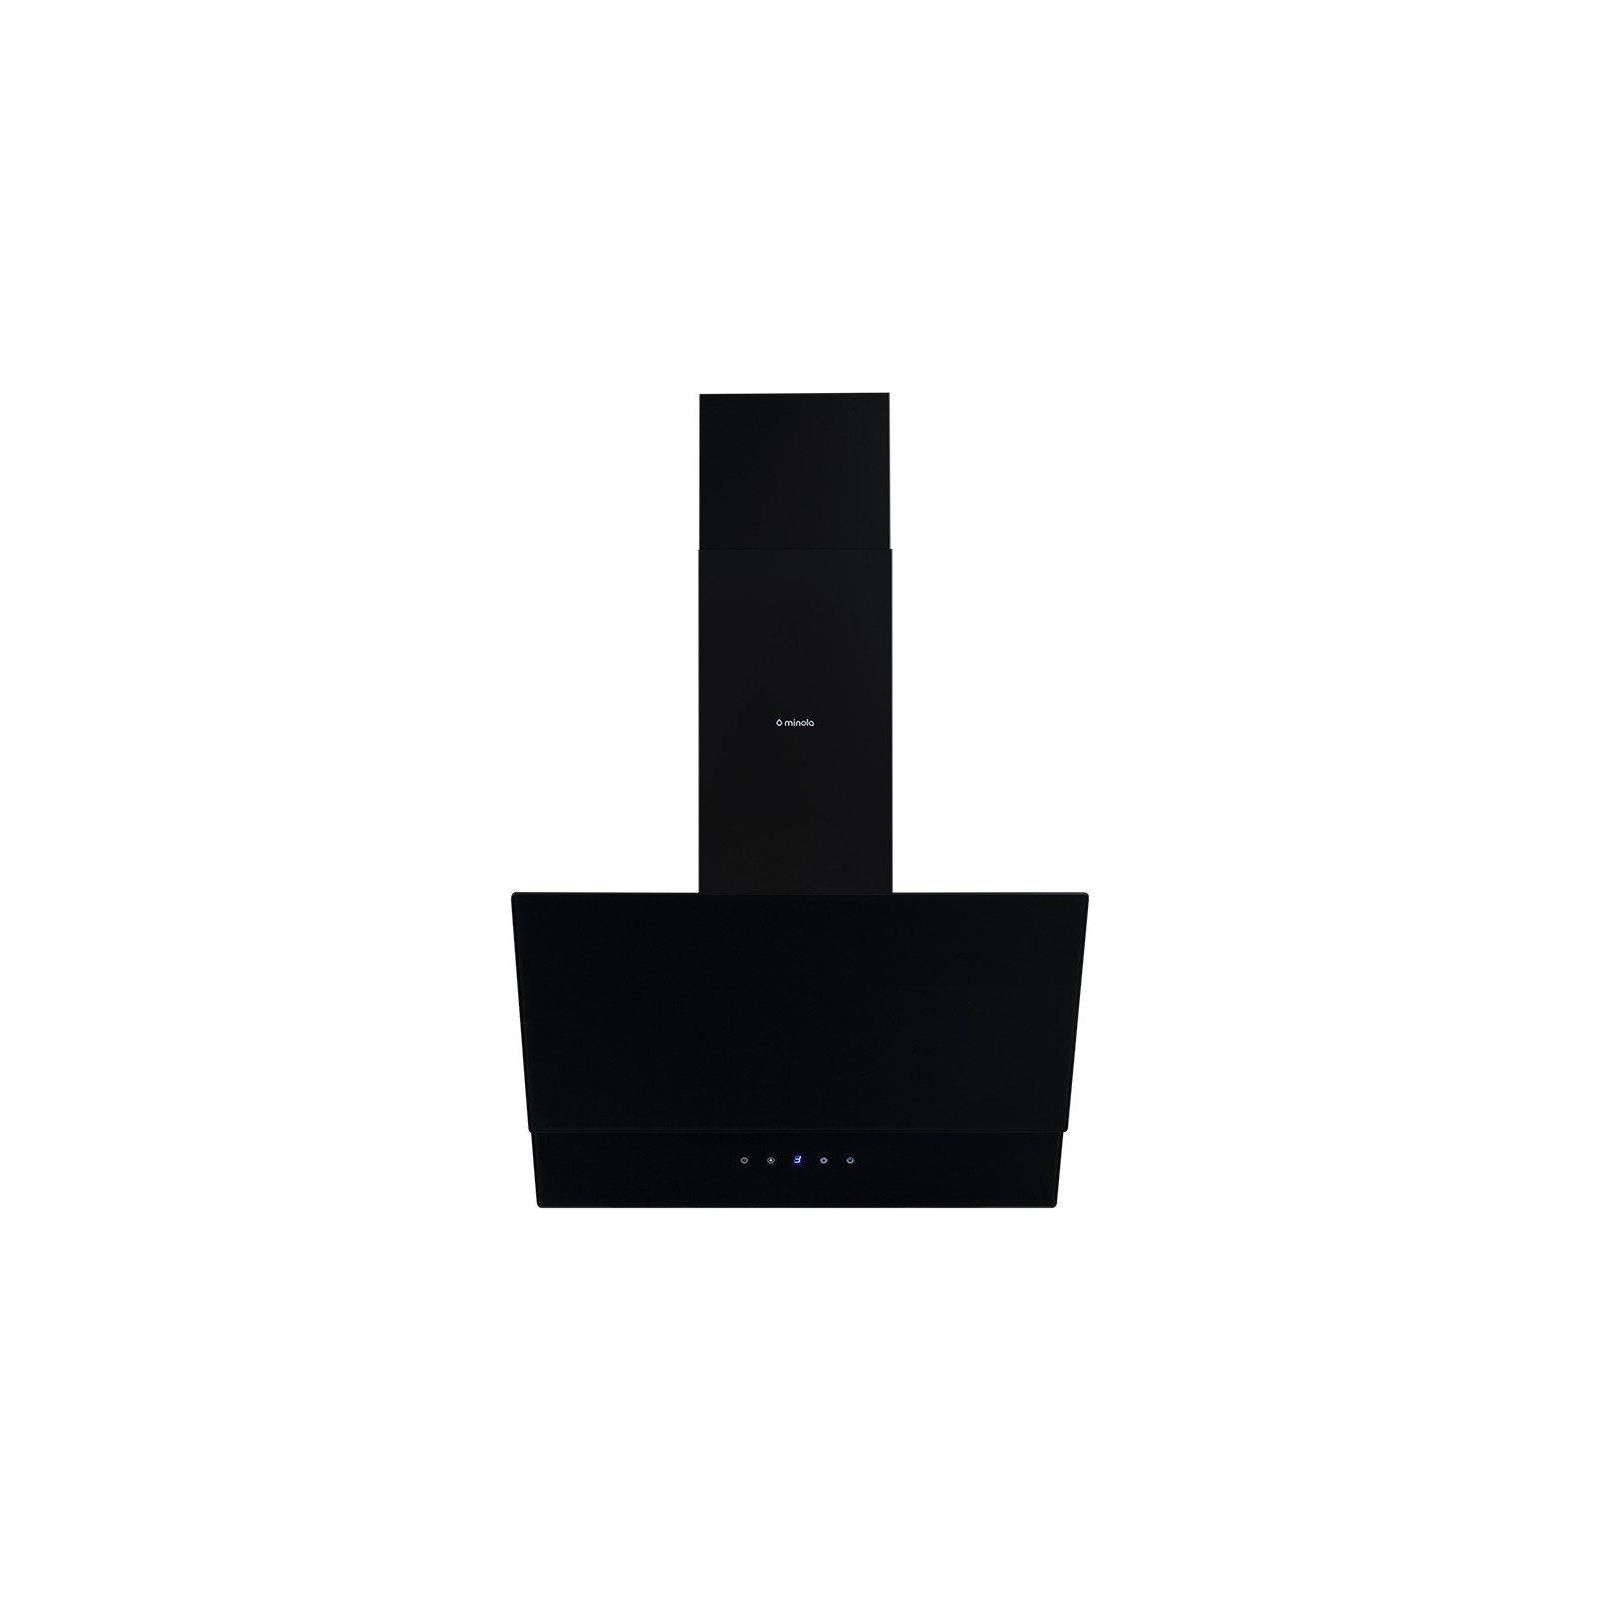 Вытяжка кухонная MINOLA HVS 6642 BL 1000 LED изображение 2